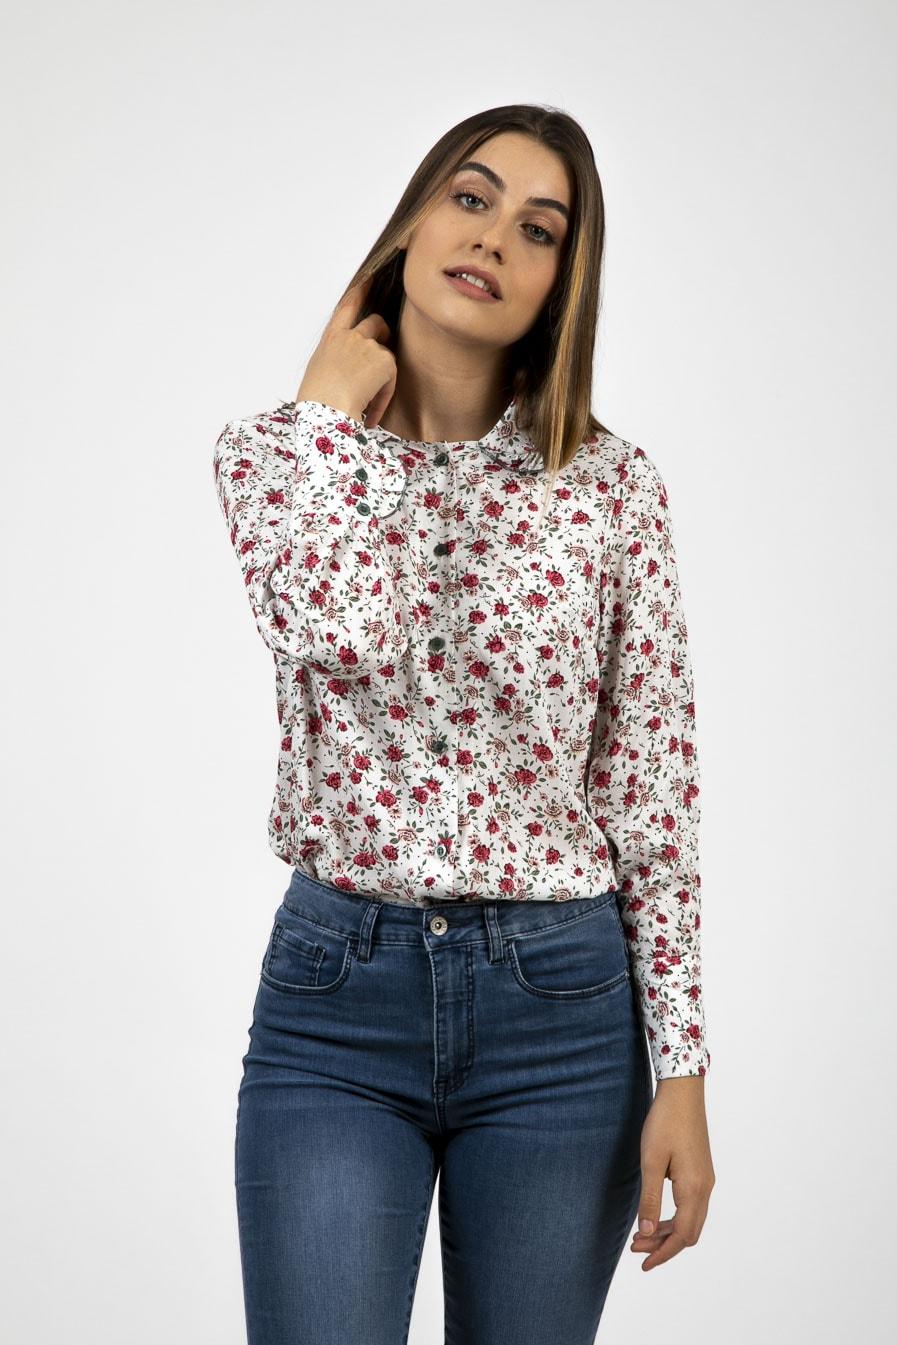 חולצת וינטג' בהדפס פרחים-דגם שושן